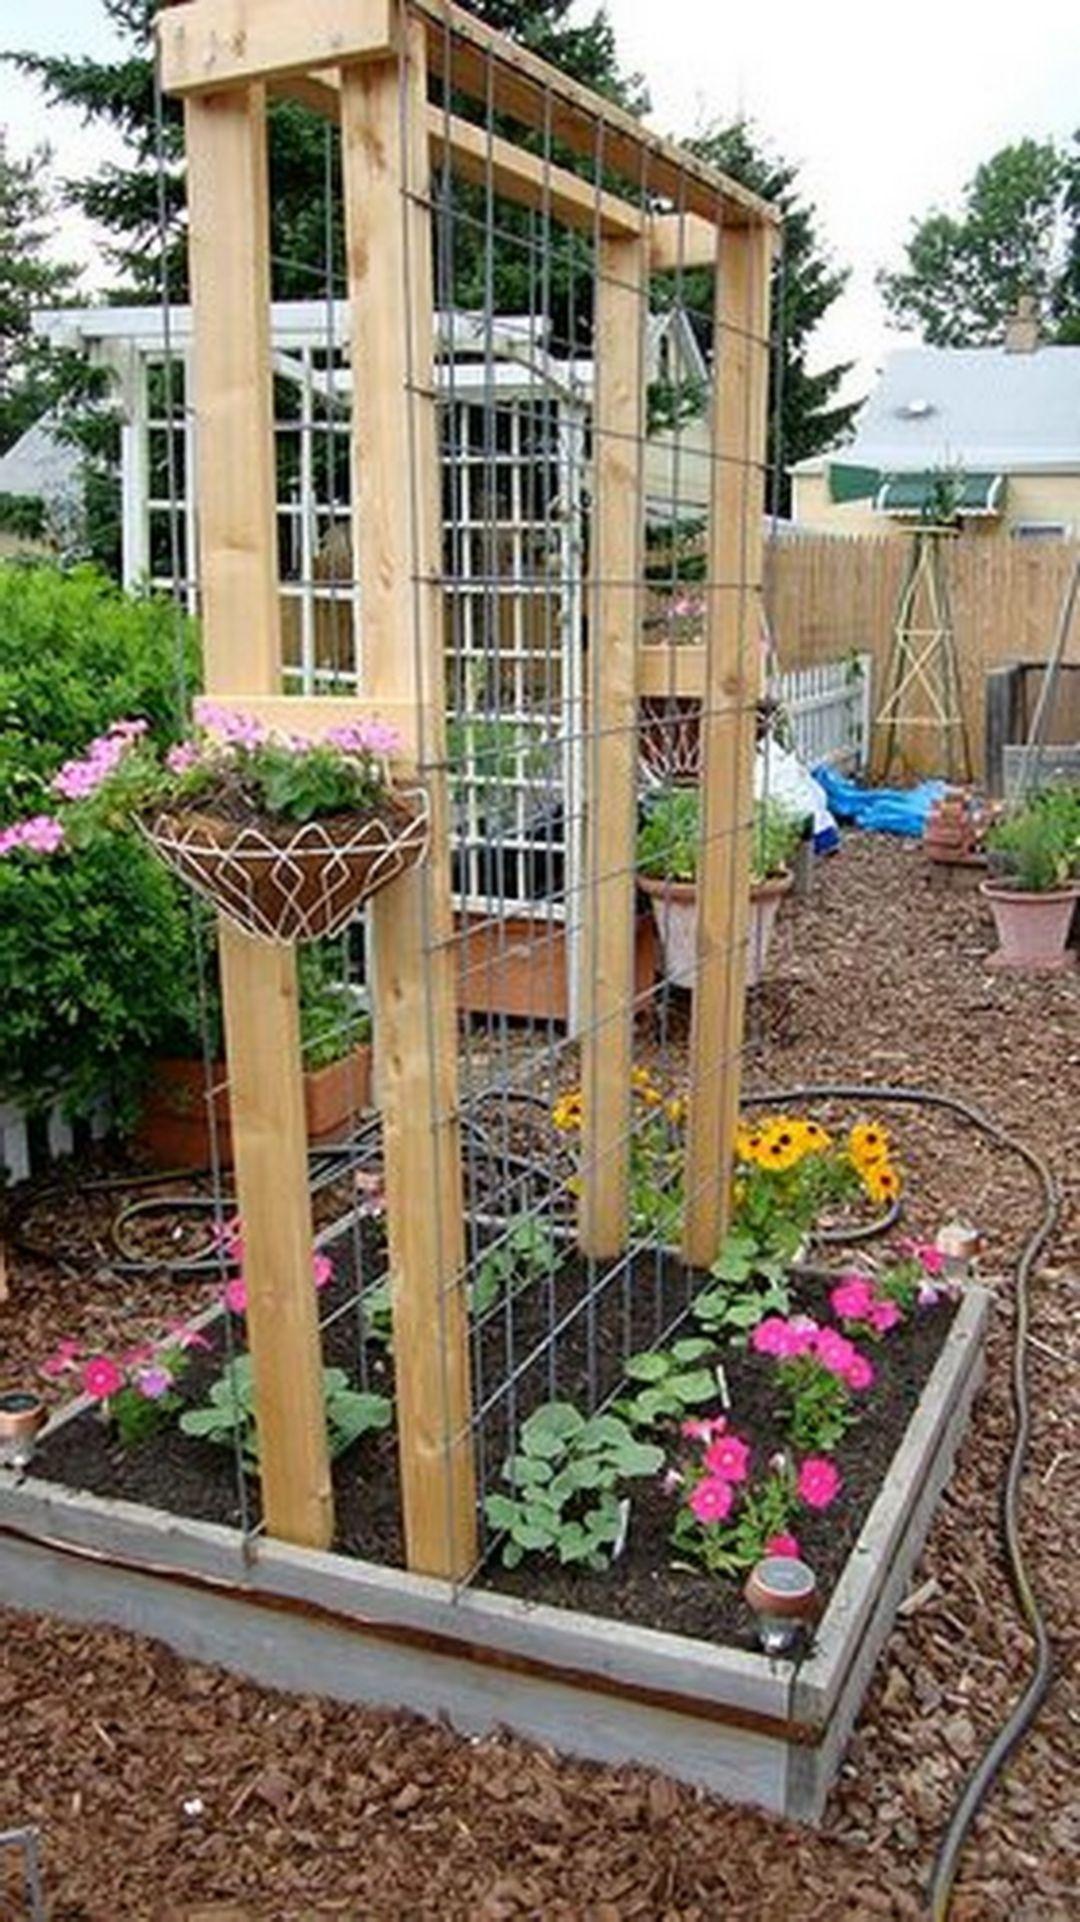 10 Easy Diy Garden Trellis Design Ideas For Vertical Growth Garden